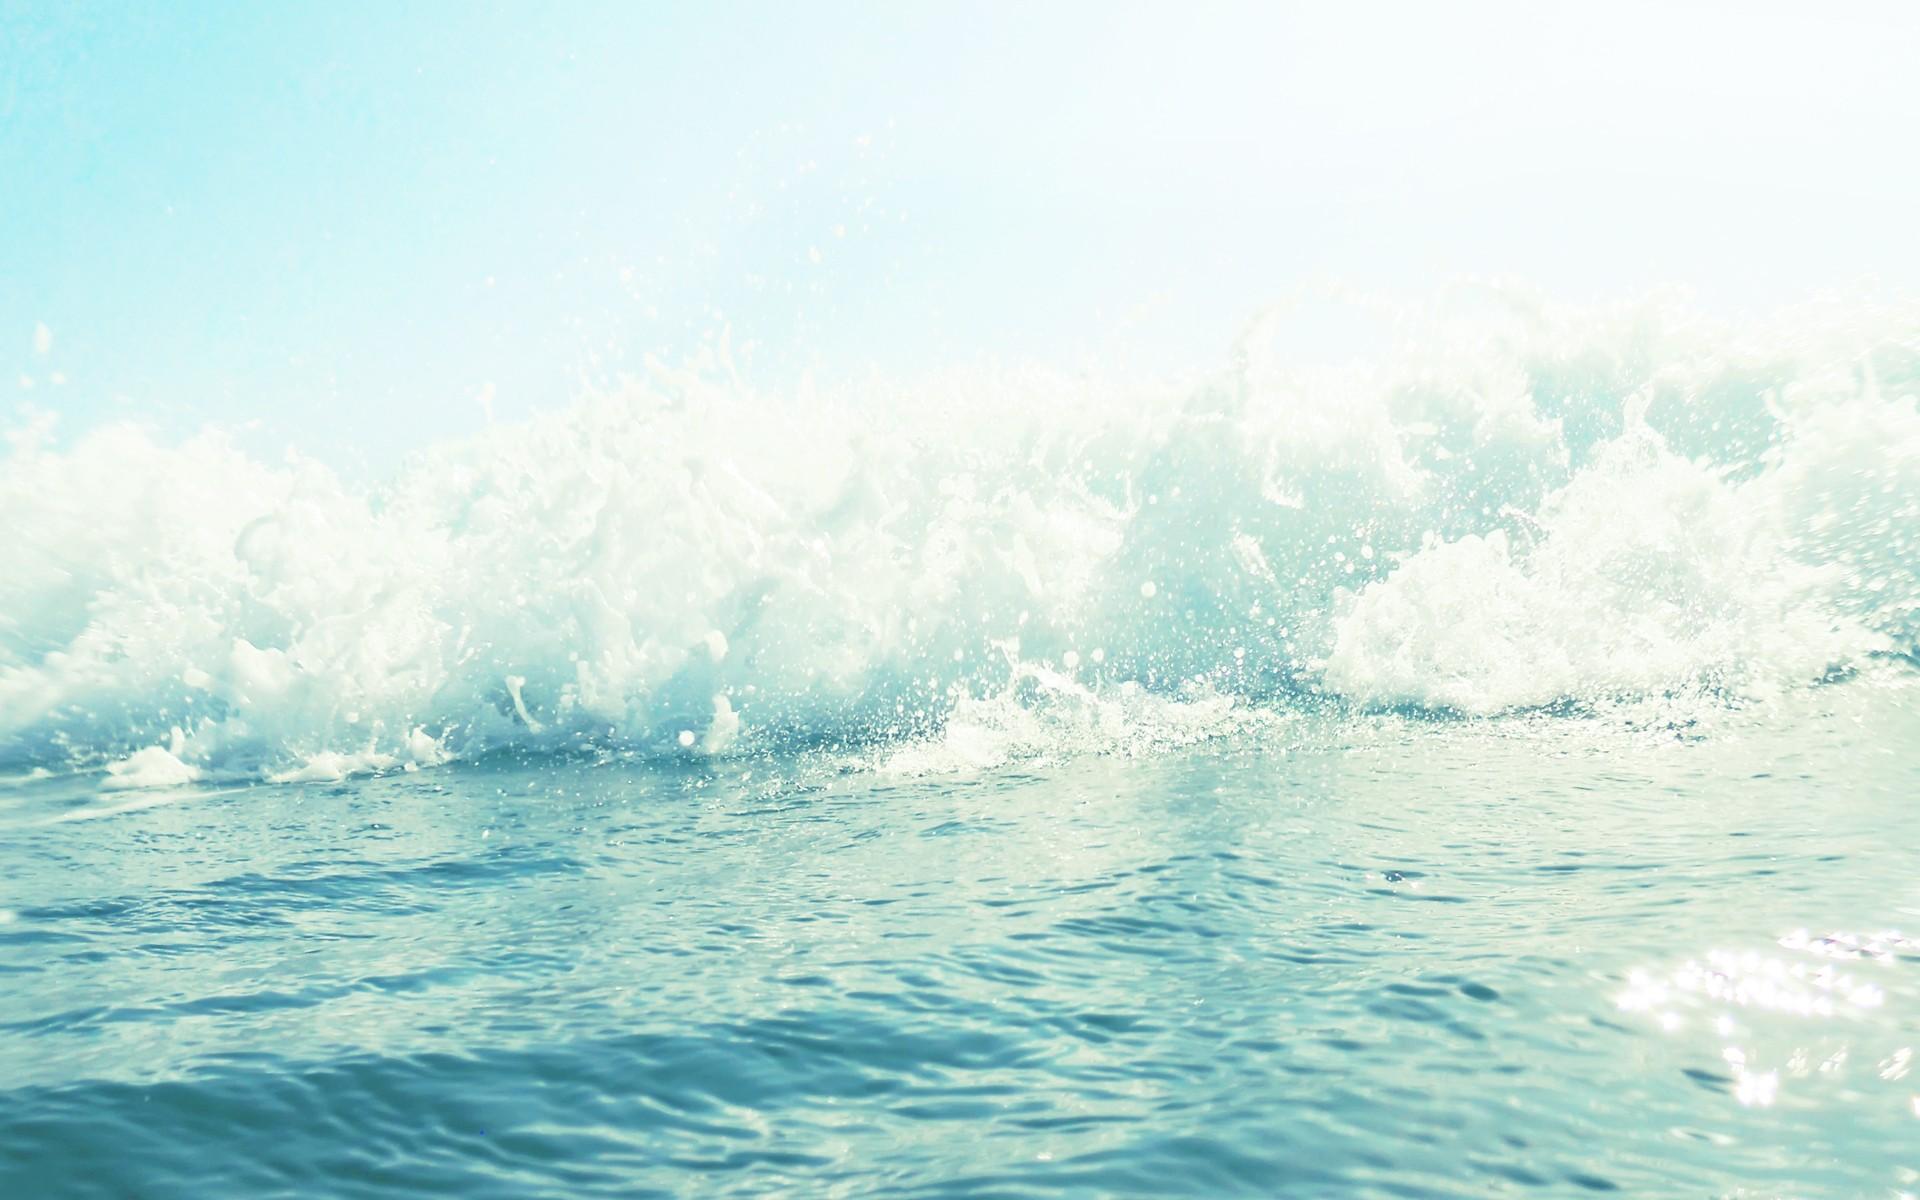 Free Ocean Bokeh Wallpaper